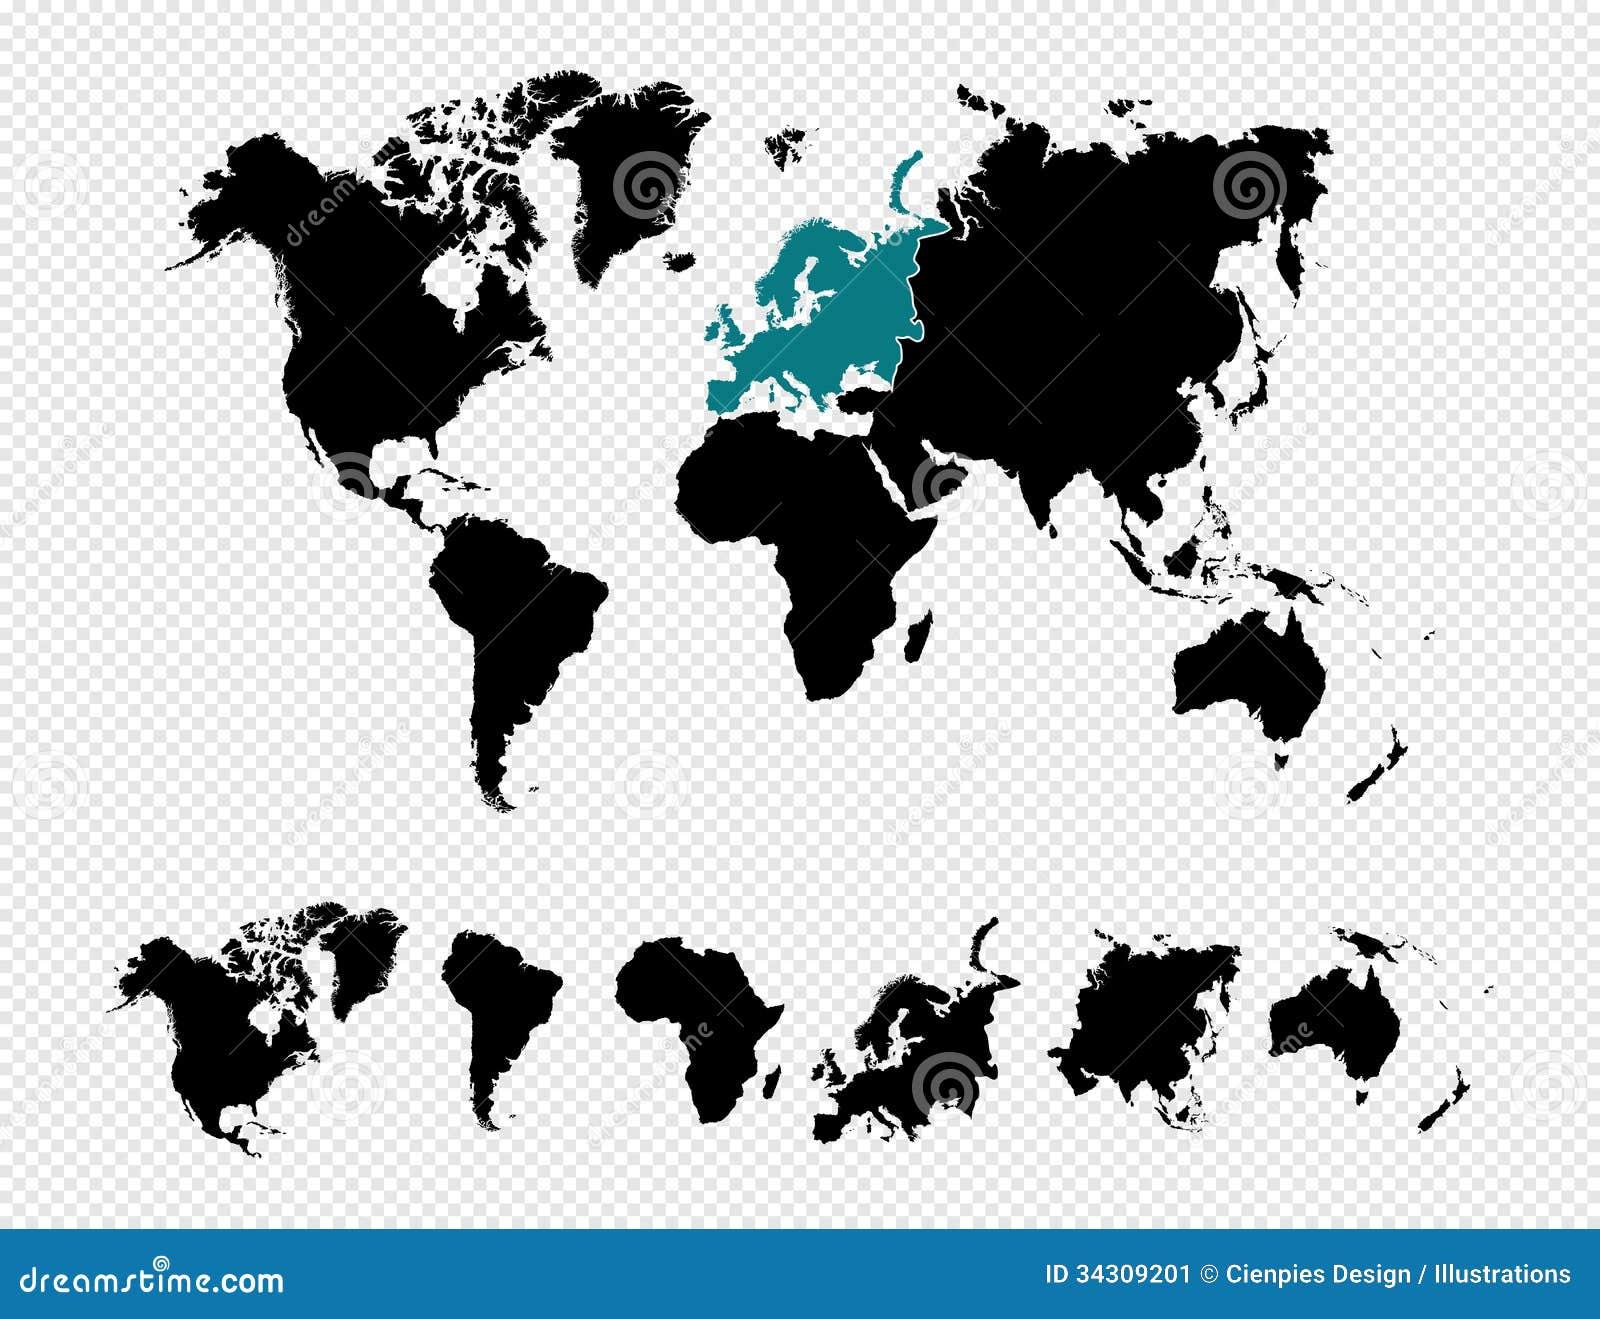 vecteur noir f de la carte eps10 du monde de silhouette image stock image 34309201. Black Bedroom Furniture Sets. Home Design Ideas